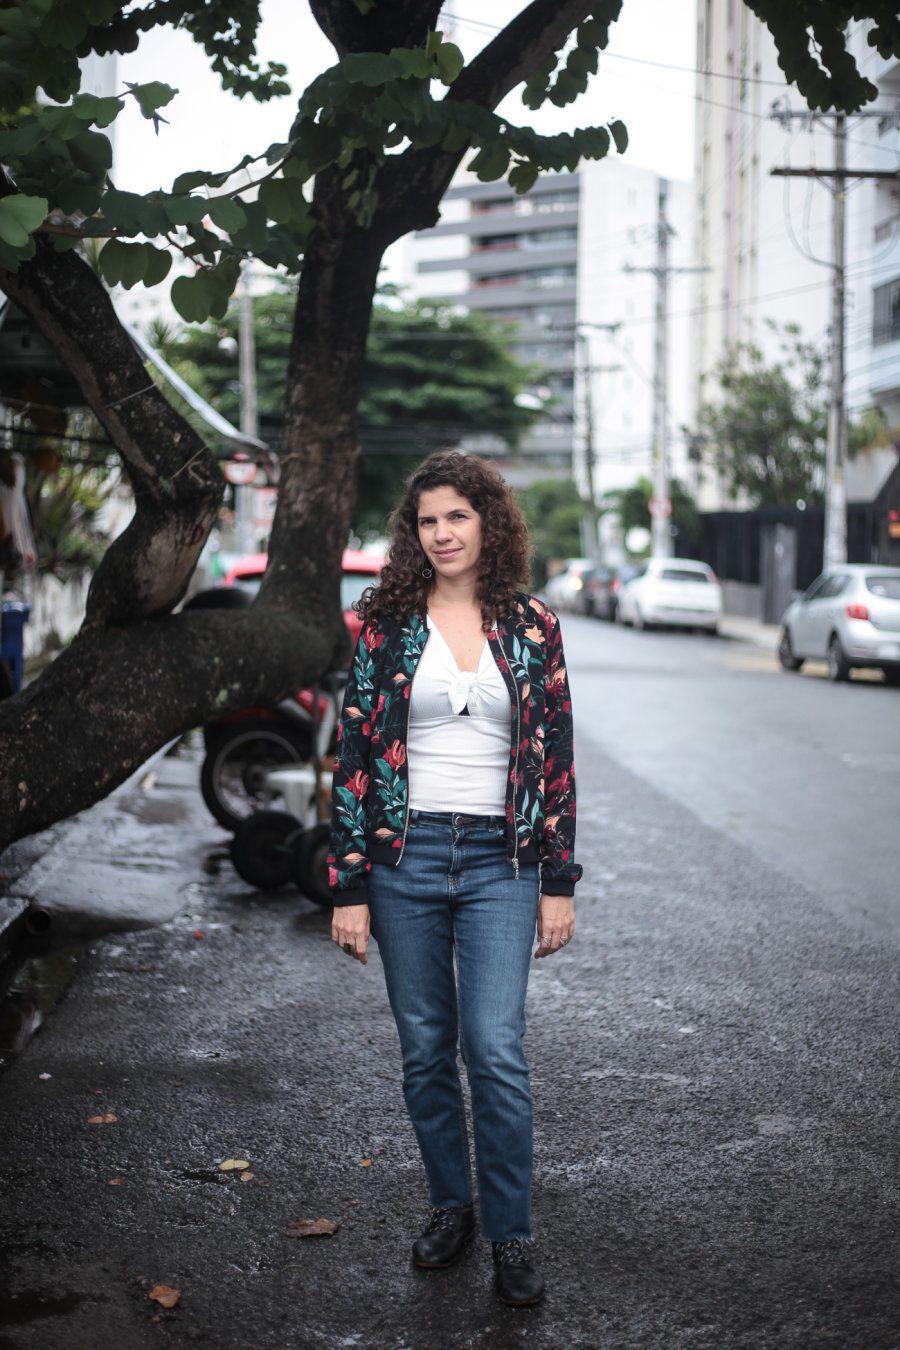 Atualmente Erica ocupa a cadeira de Diretora Administrativa da União de Ciclistas do Brasil